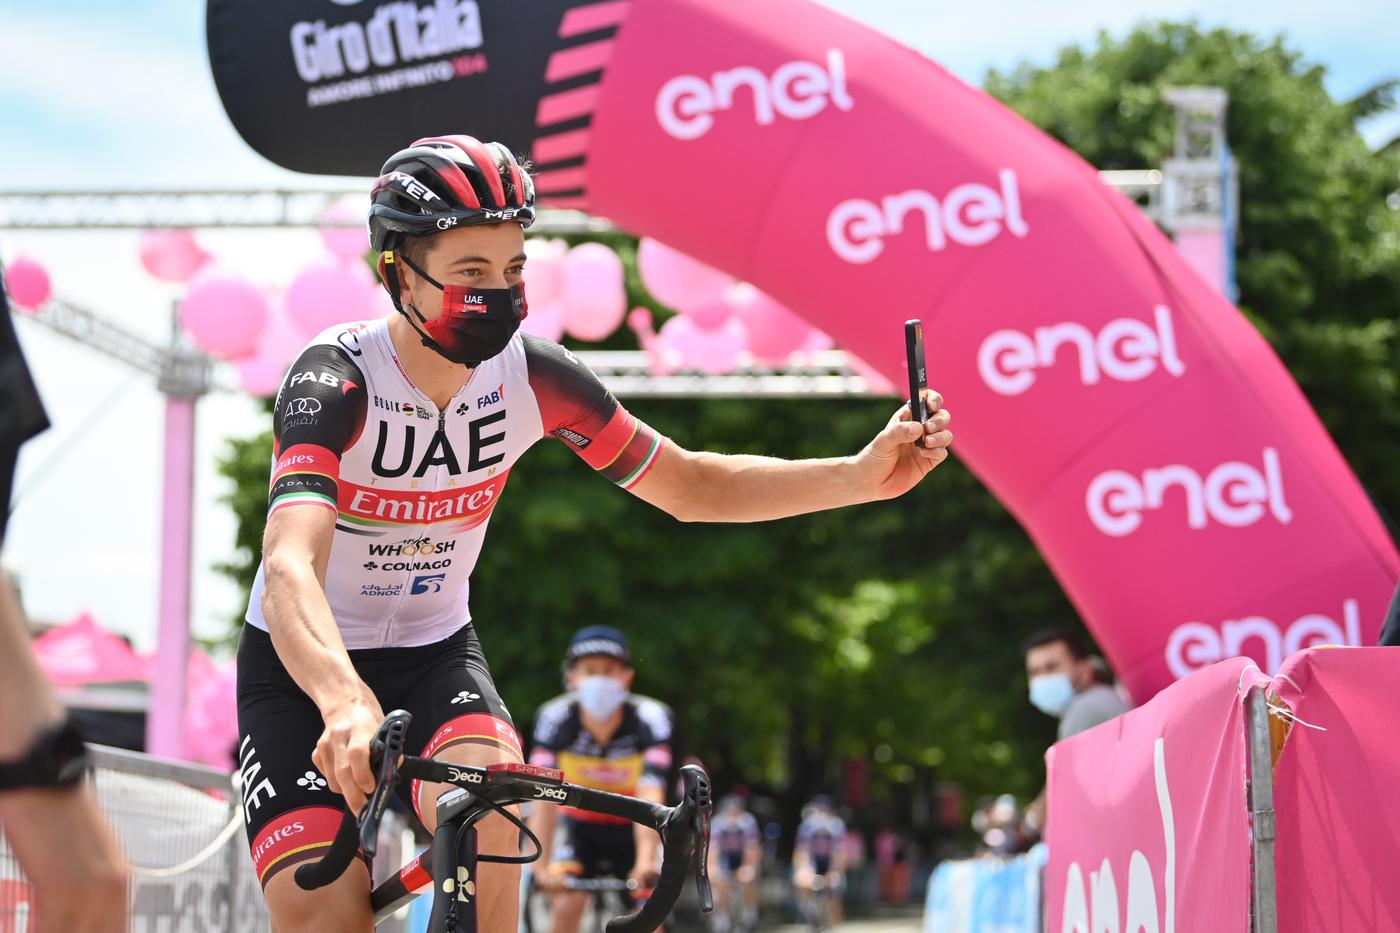 """Giro d'Italia 2021, Davide Formolo entra nella top 10: """"Concluso bene la prima settimana"""""""